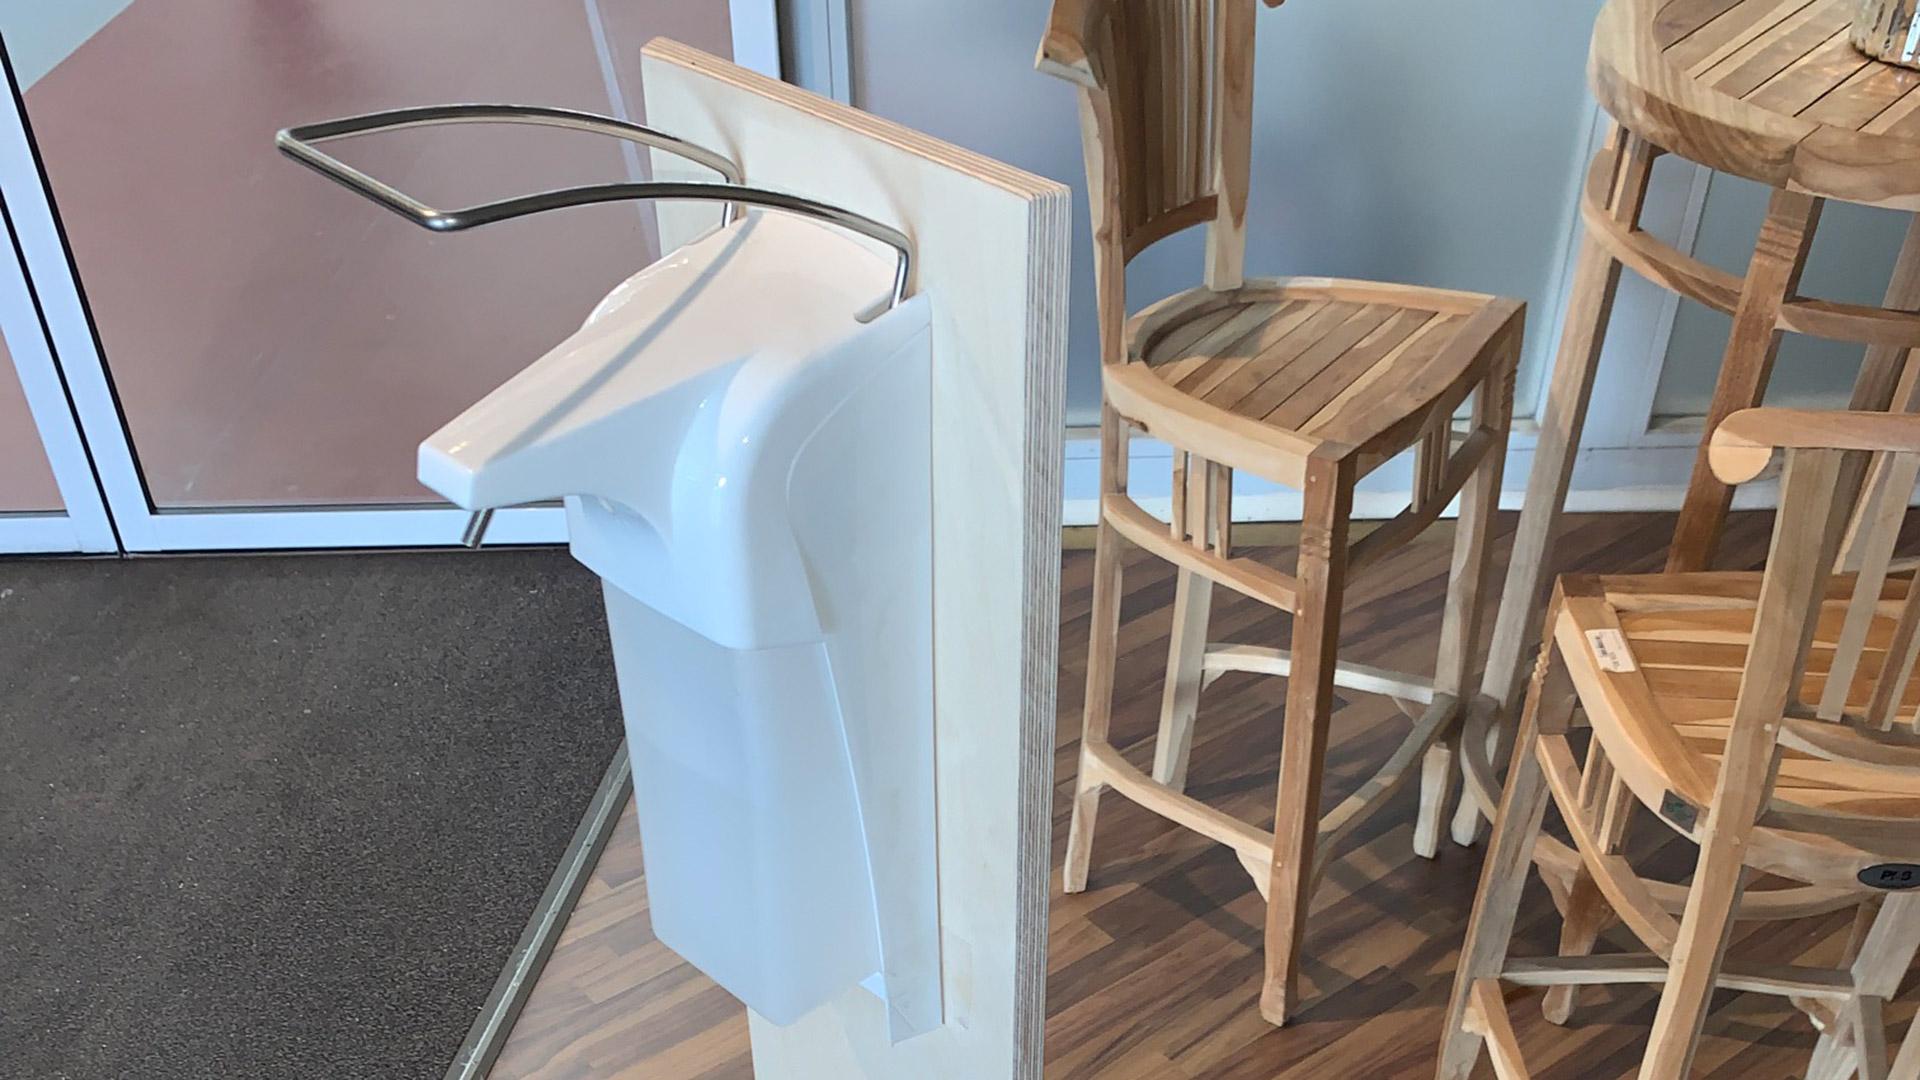 Handgefertigte Desinfektionsspender und Plexiglasscheiben | HolzLand Bunzel in Marl und Hamm